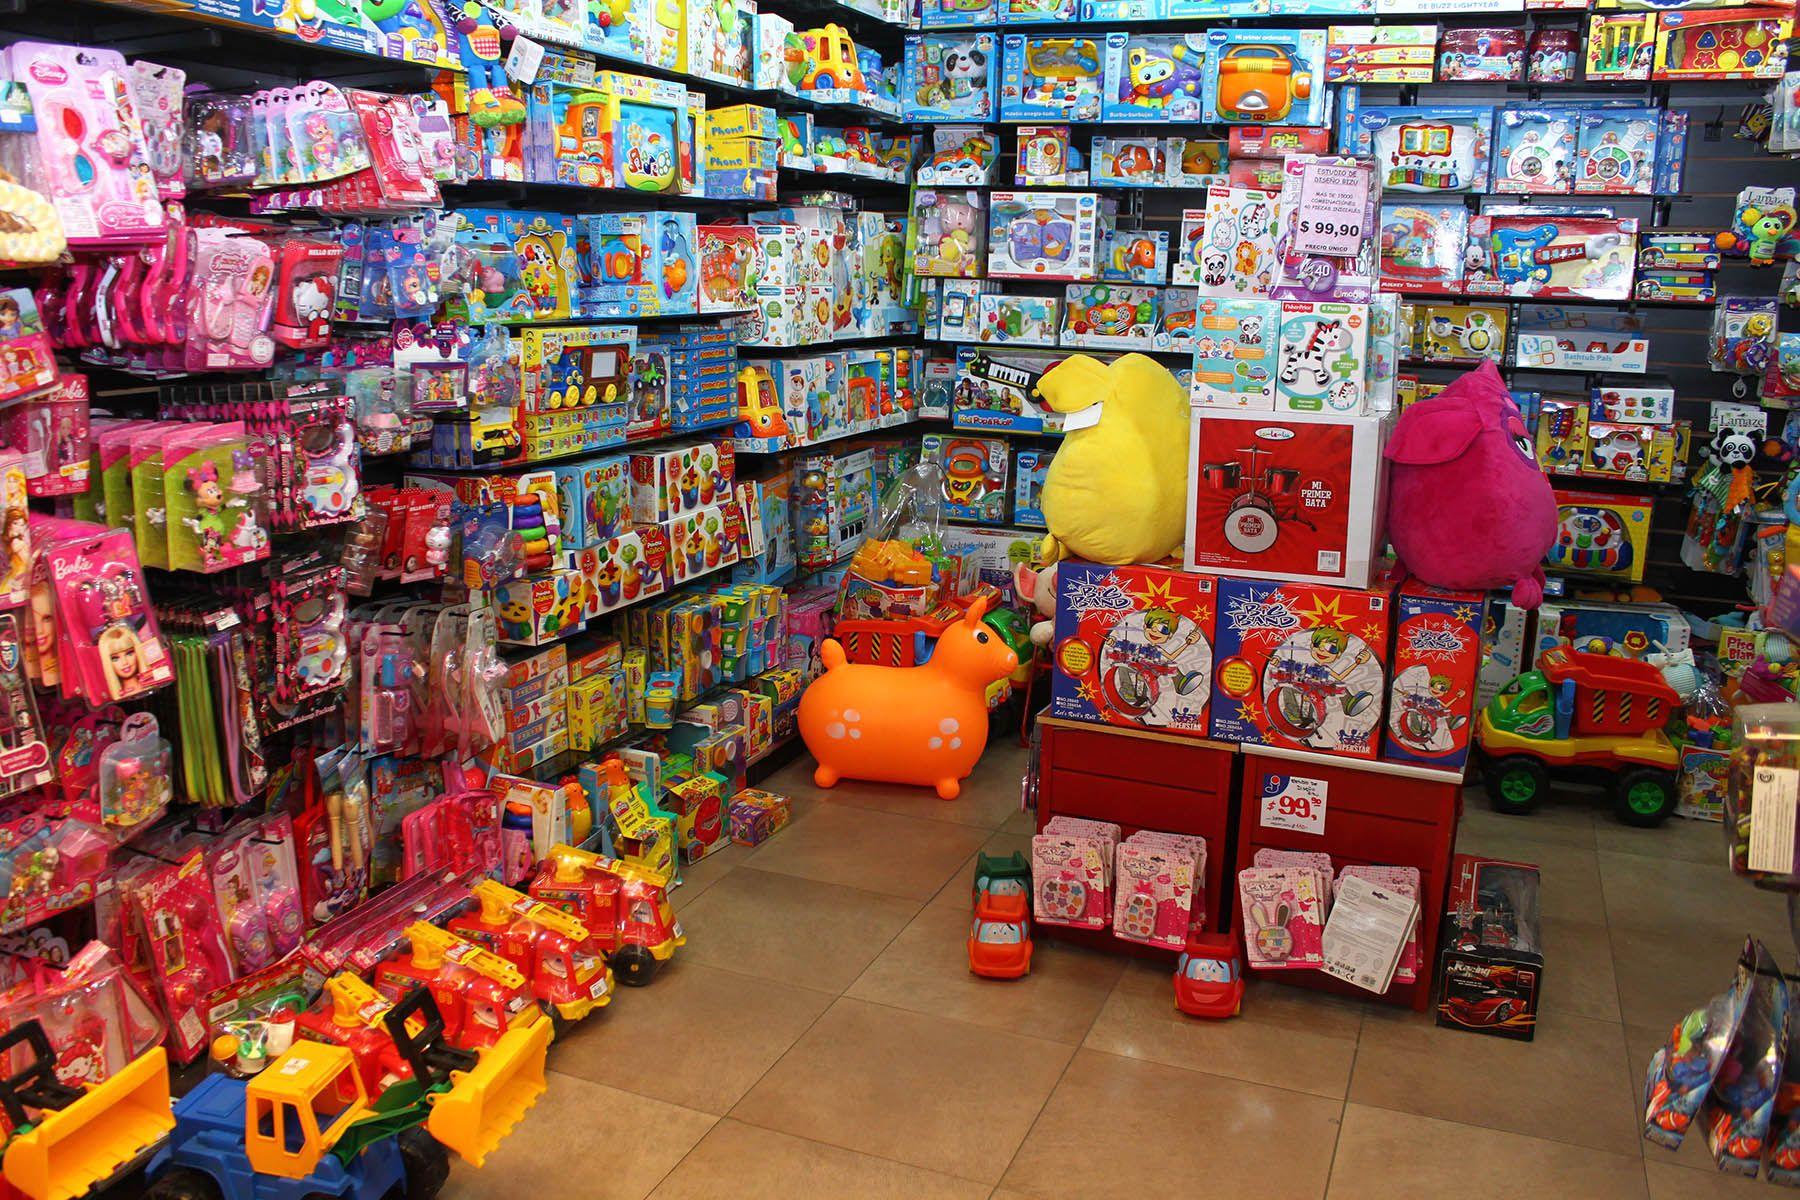 ¿Cómo iniciar una tienda de juguetes?